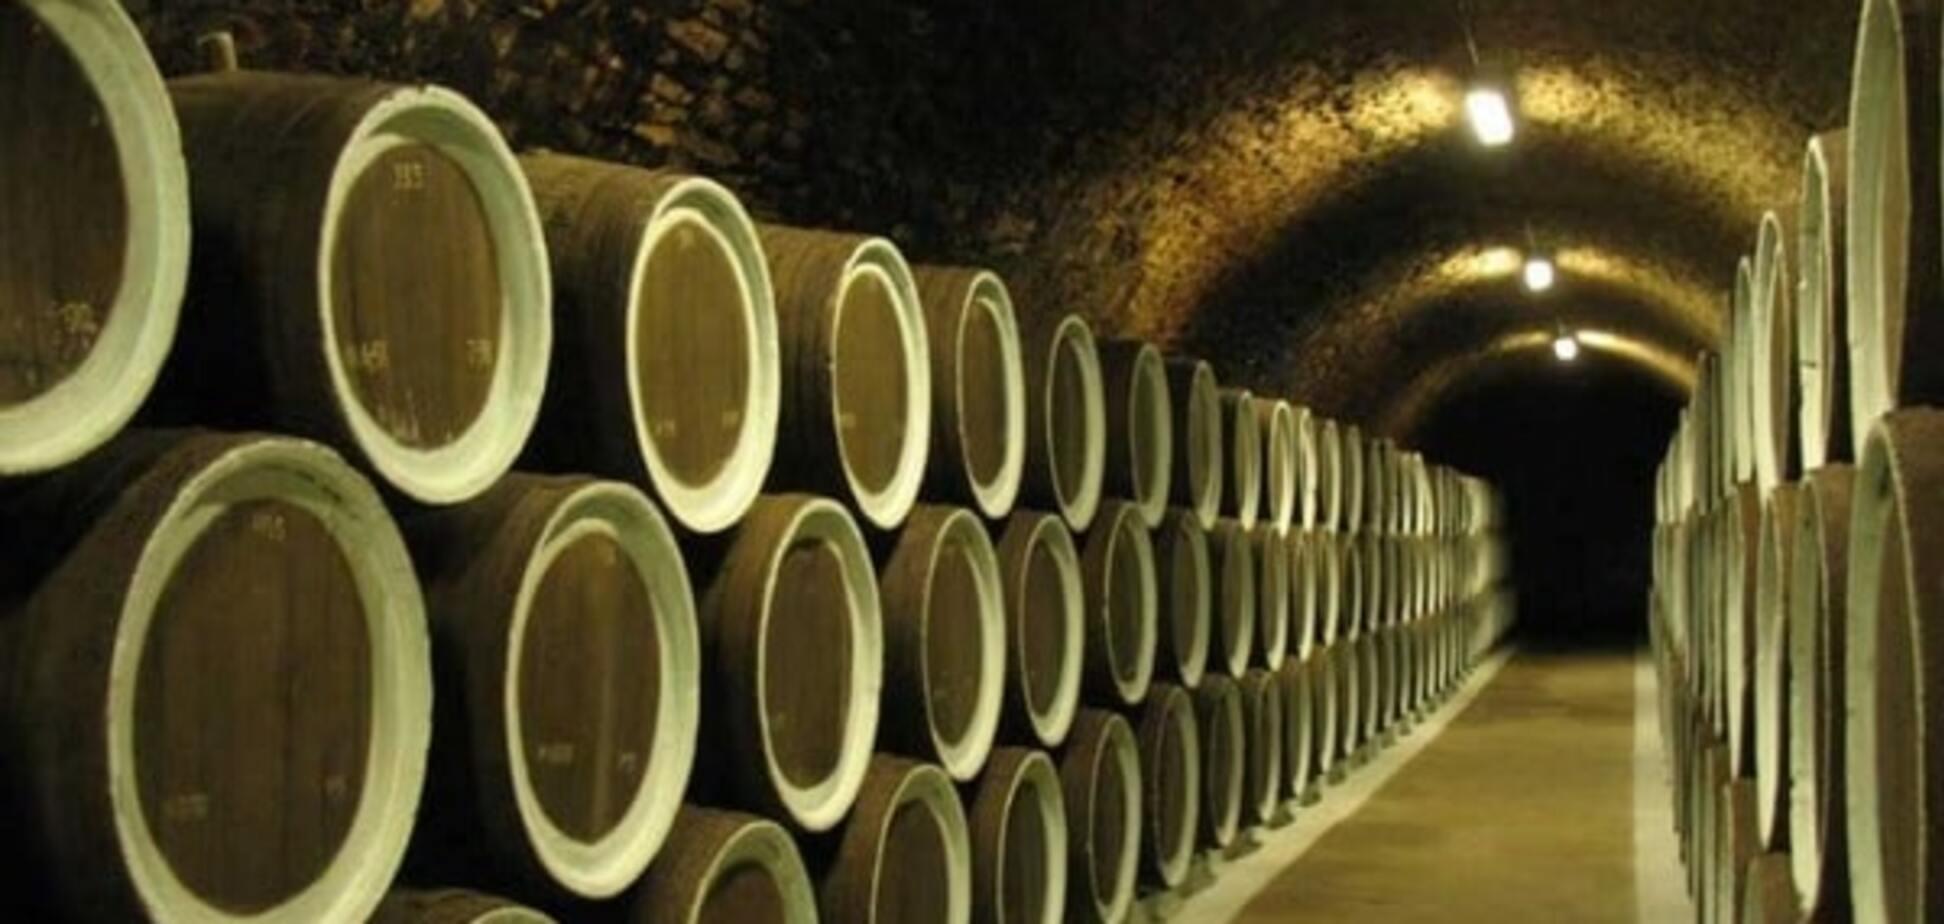 Мінагрополітики заборонило виробляти в Україні знамените вино